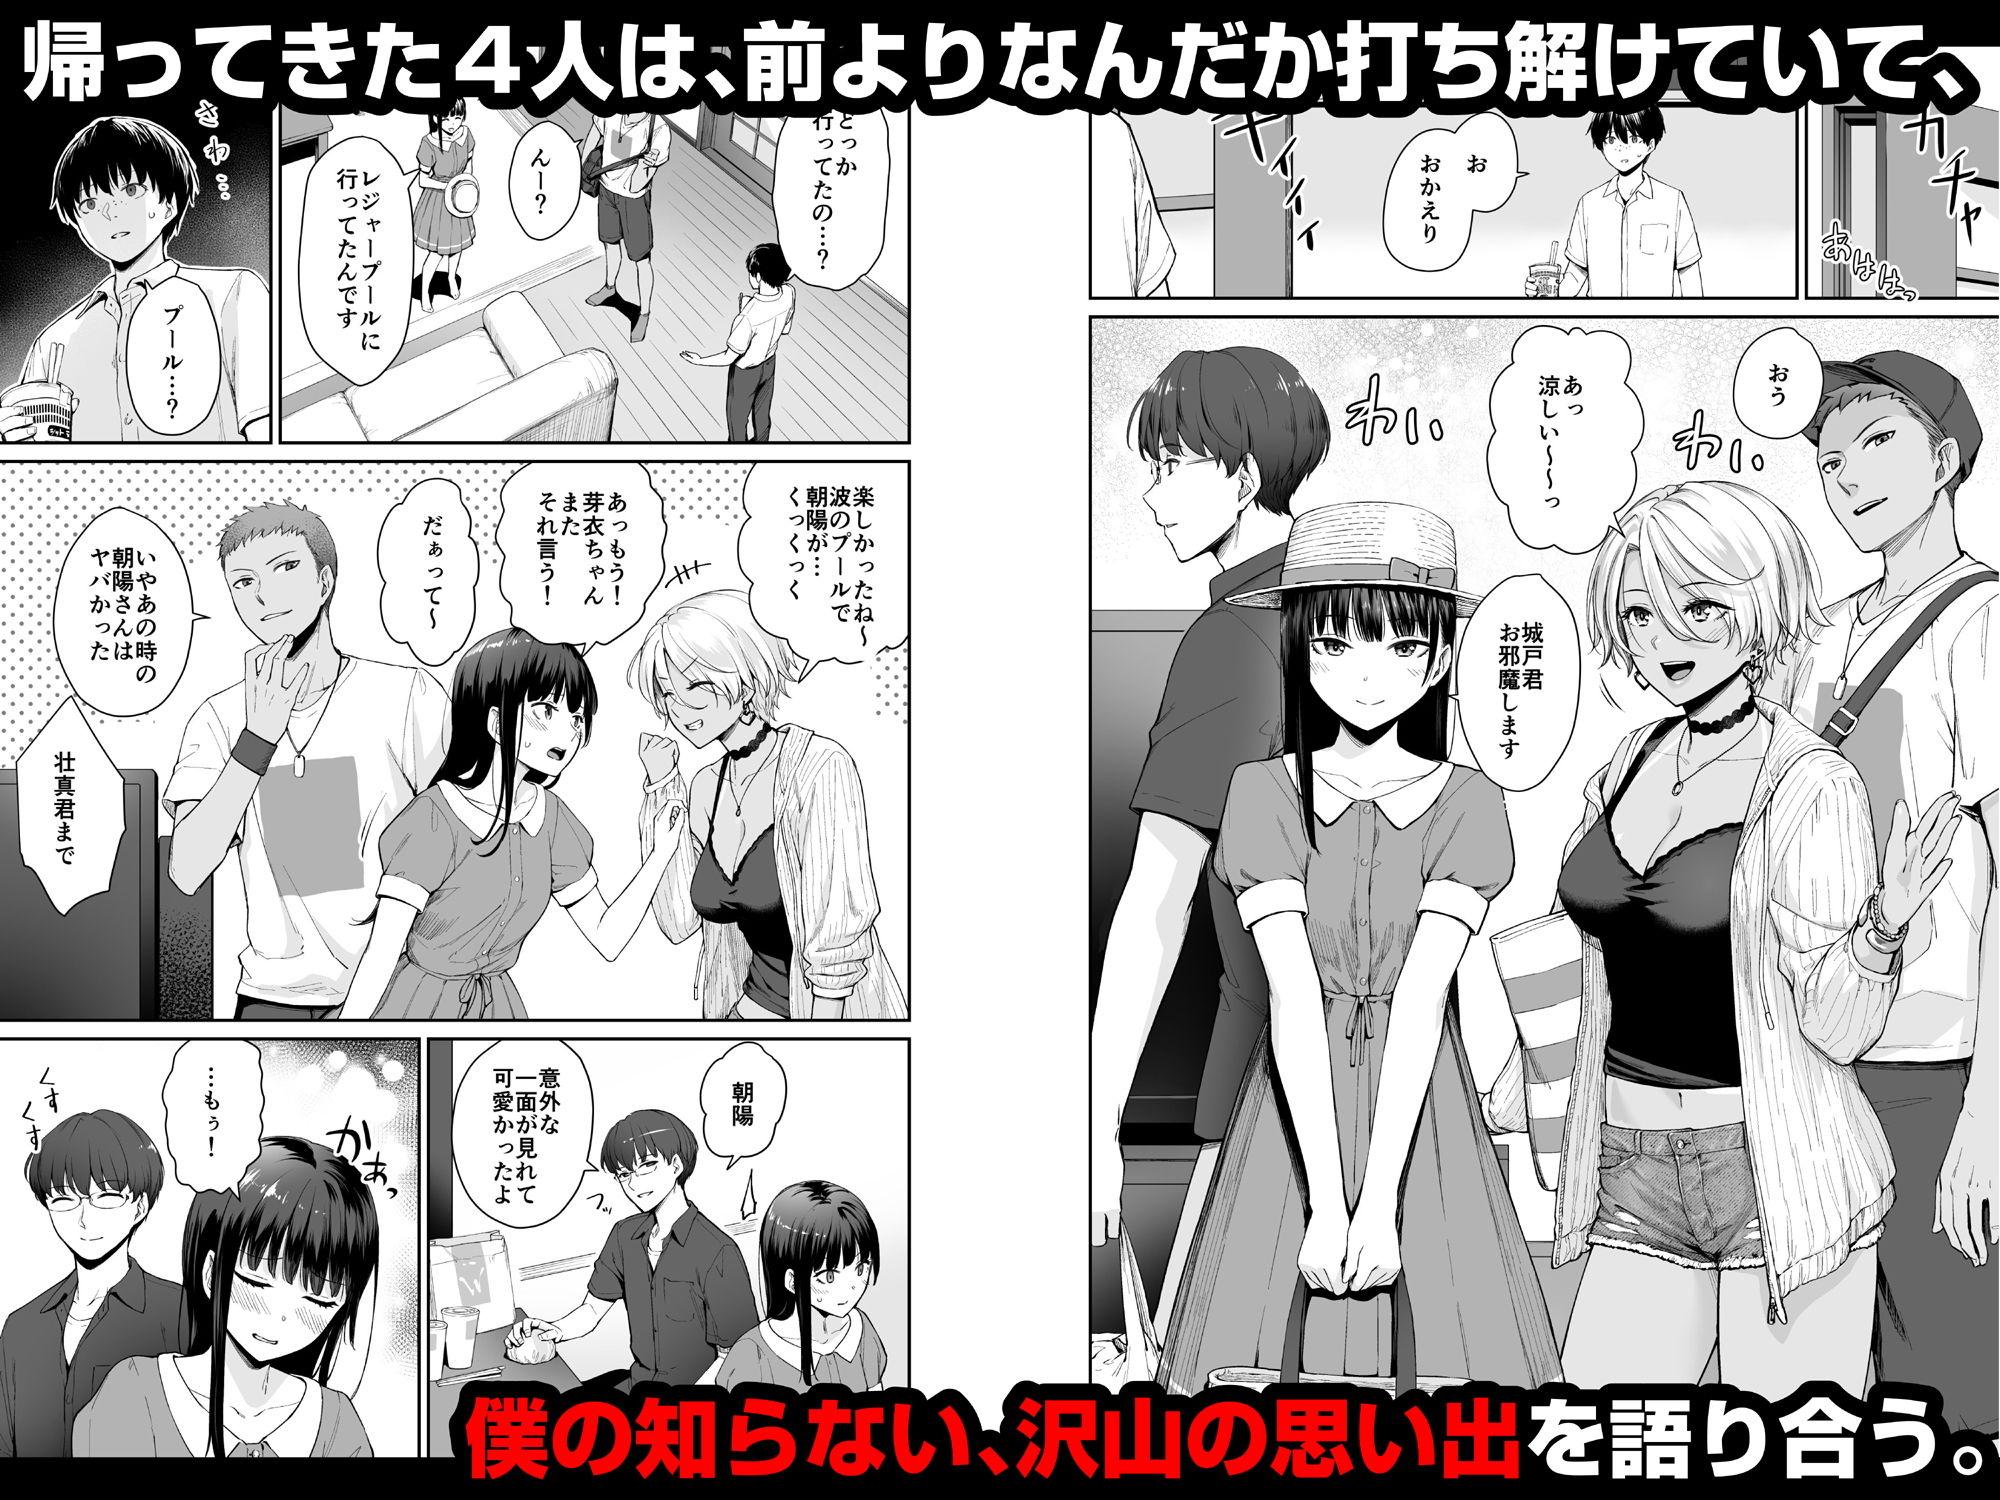 【エロ漫画】ぼくだけがセックスできない家 続編 著・紅村かる 【同人コミック】#7